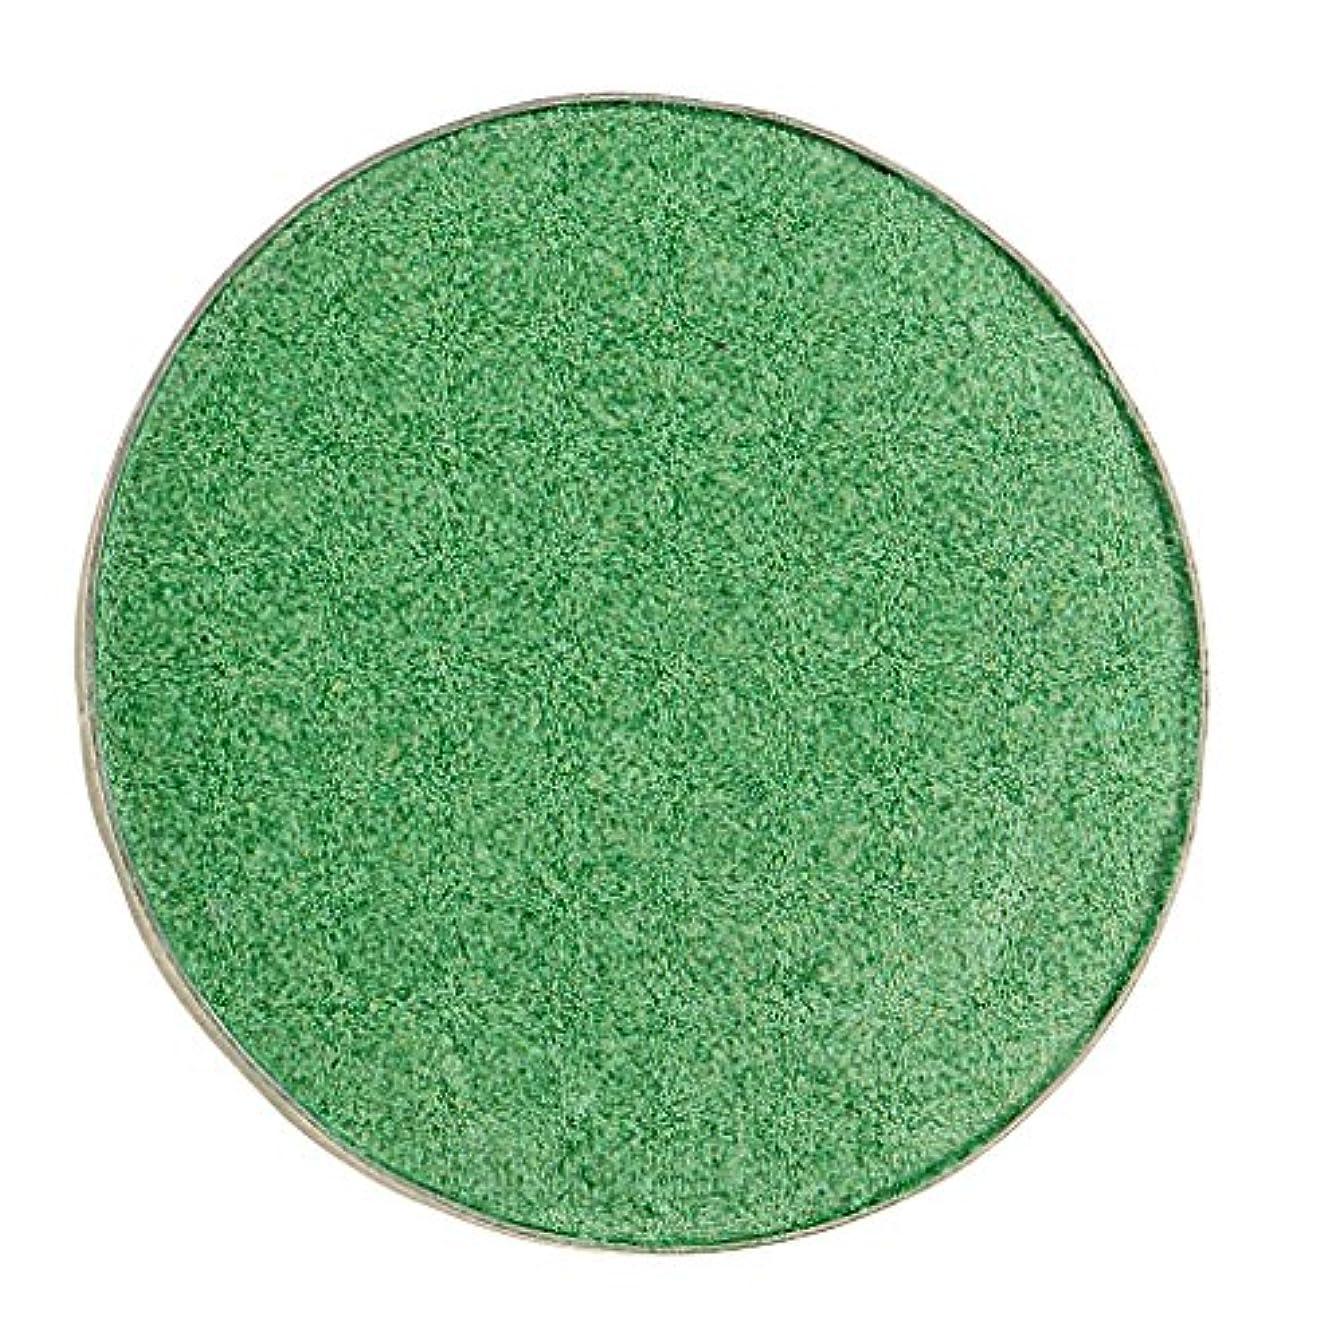 近くクルーズコメンテーター化粧品用 アイシャドウ ハイライター パレット マット シマー アイシャドーメイク 目 魅力的 全5色 - #38グリーン